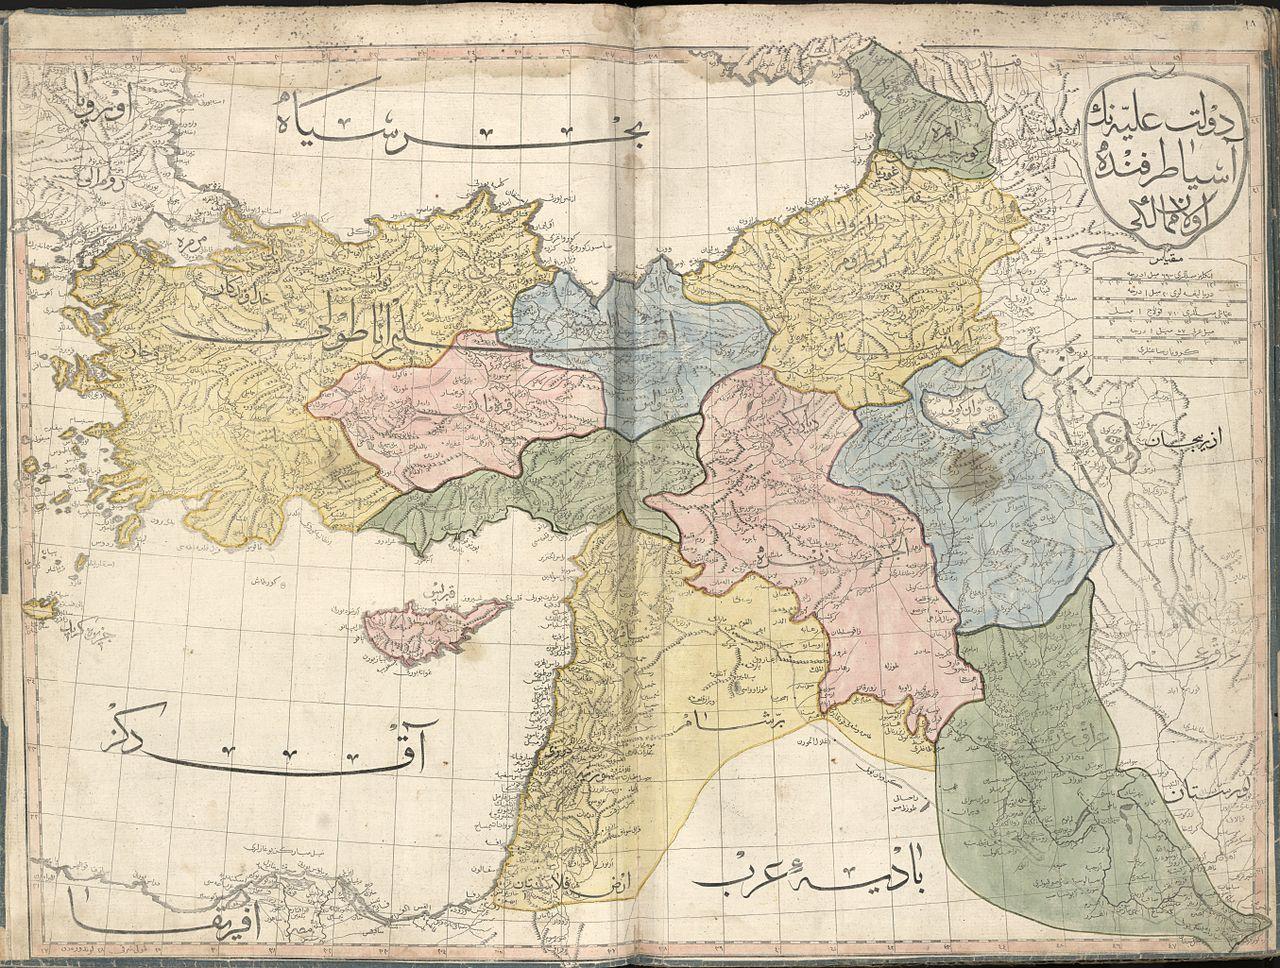 تطورات مسأله استفتاء الانفصال لكردستان العراق .........متجدد  - صفحة 2 1280px-Cedid_Atlas_%28Middle_East%29_1803